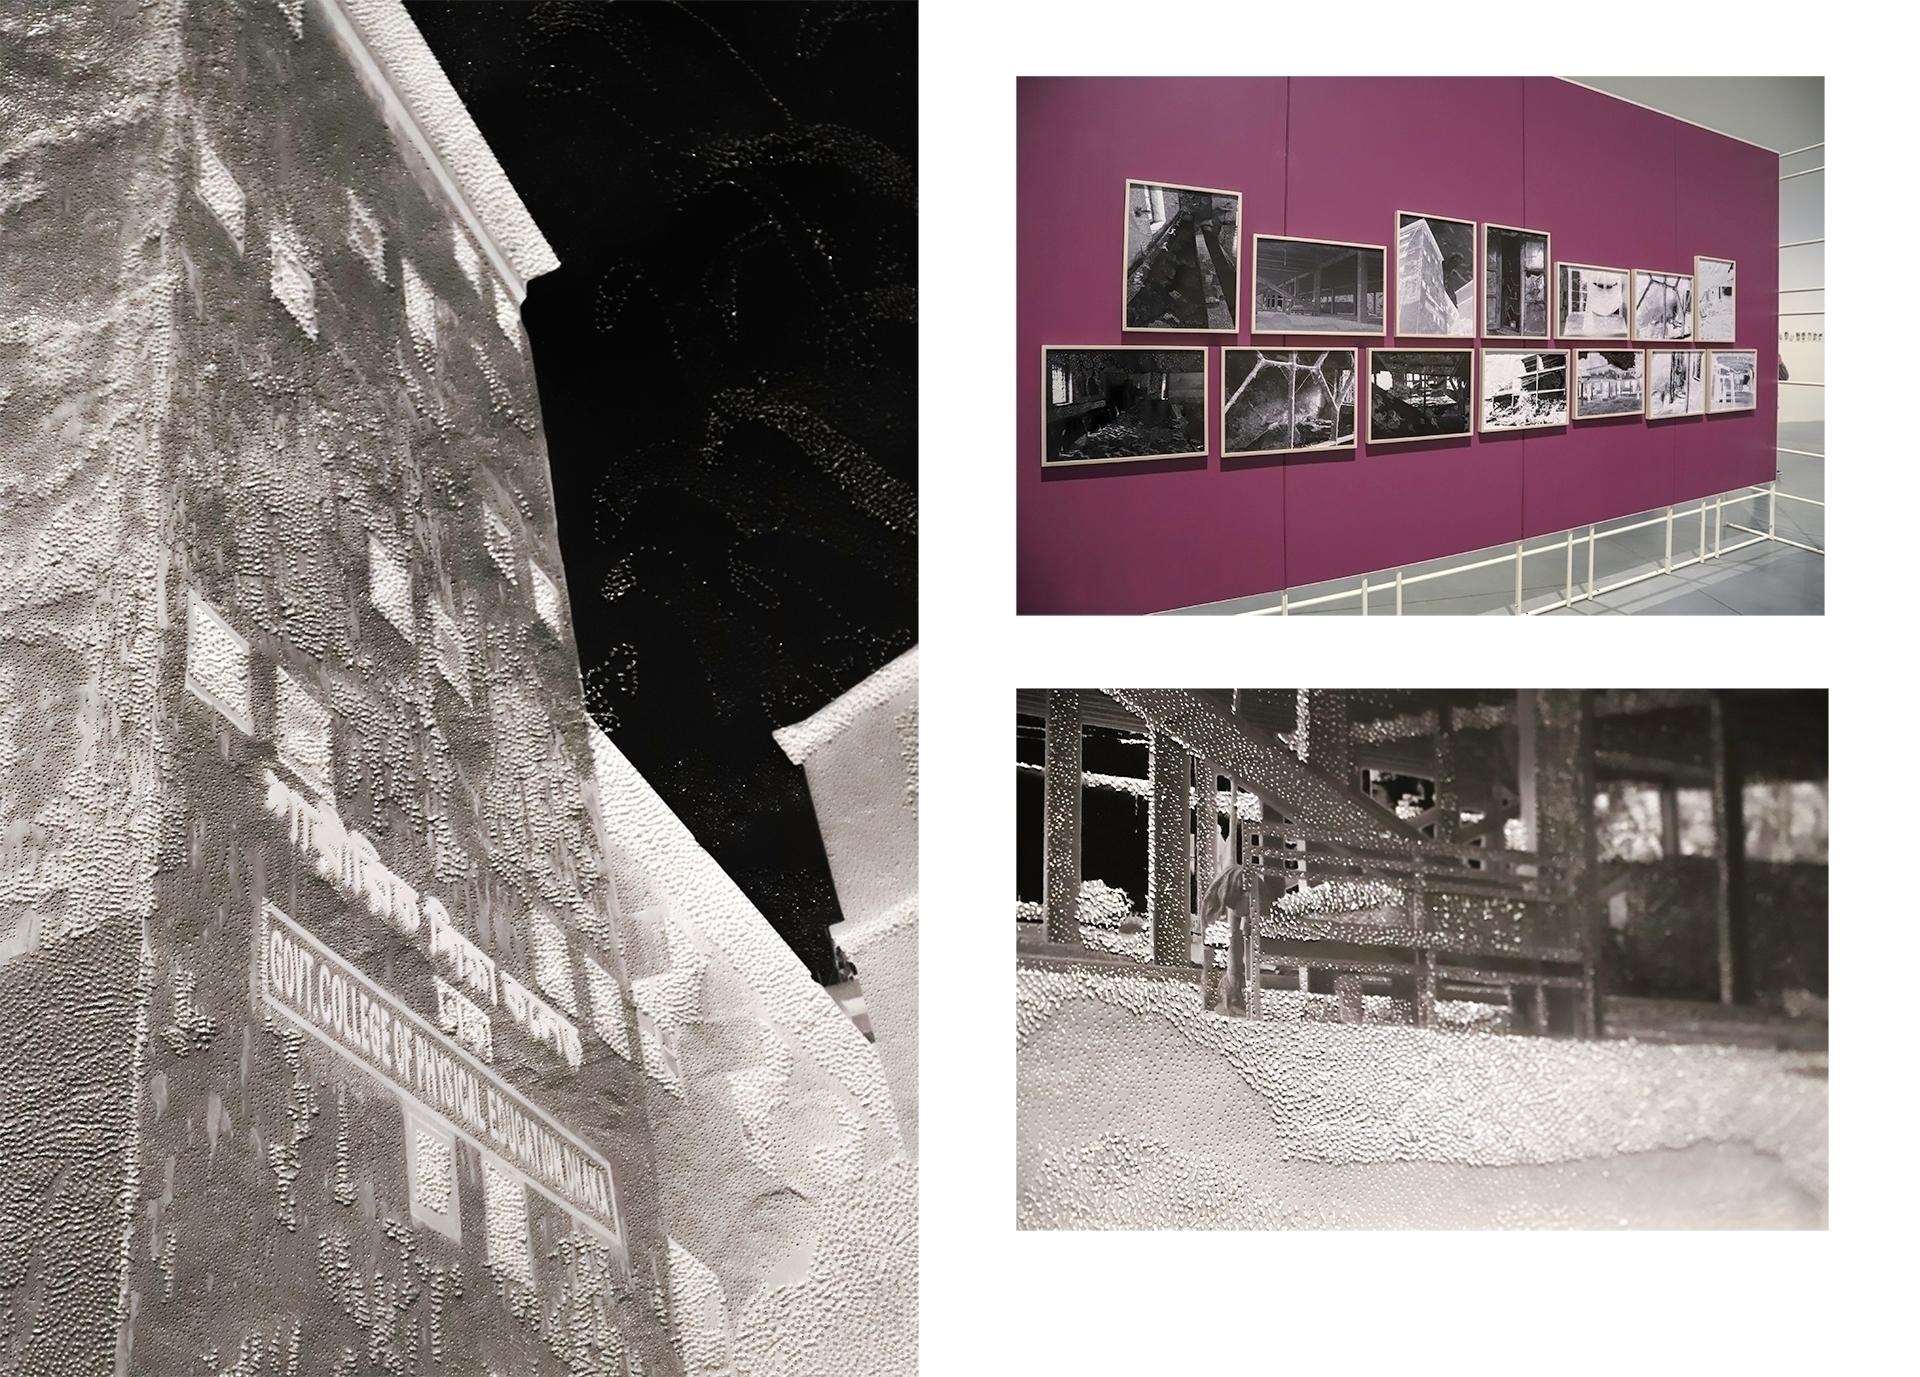 Obraz przedstawia trzy zdjęcia. Jedno z nich to przestrzeń muzeum z zawieszonymi fotografiami. Dwa z nich to zbliżenia na czarno-białe fotografie.